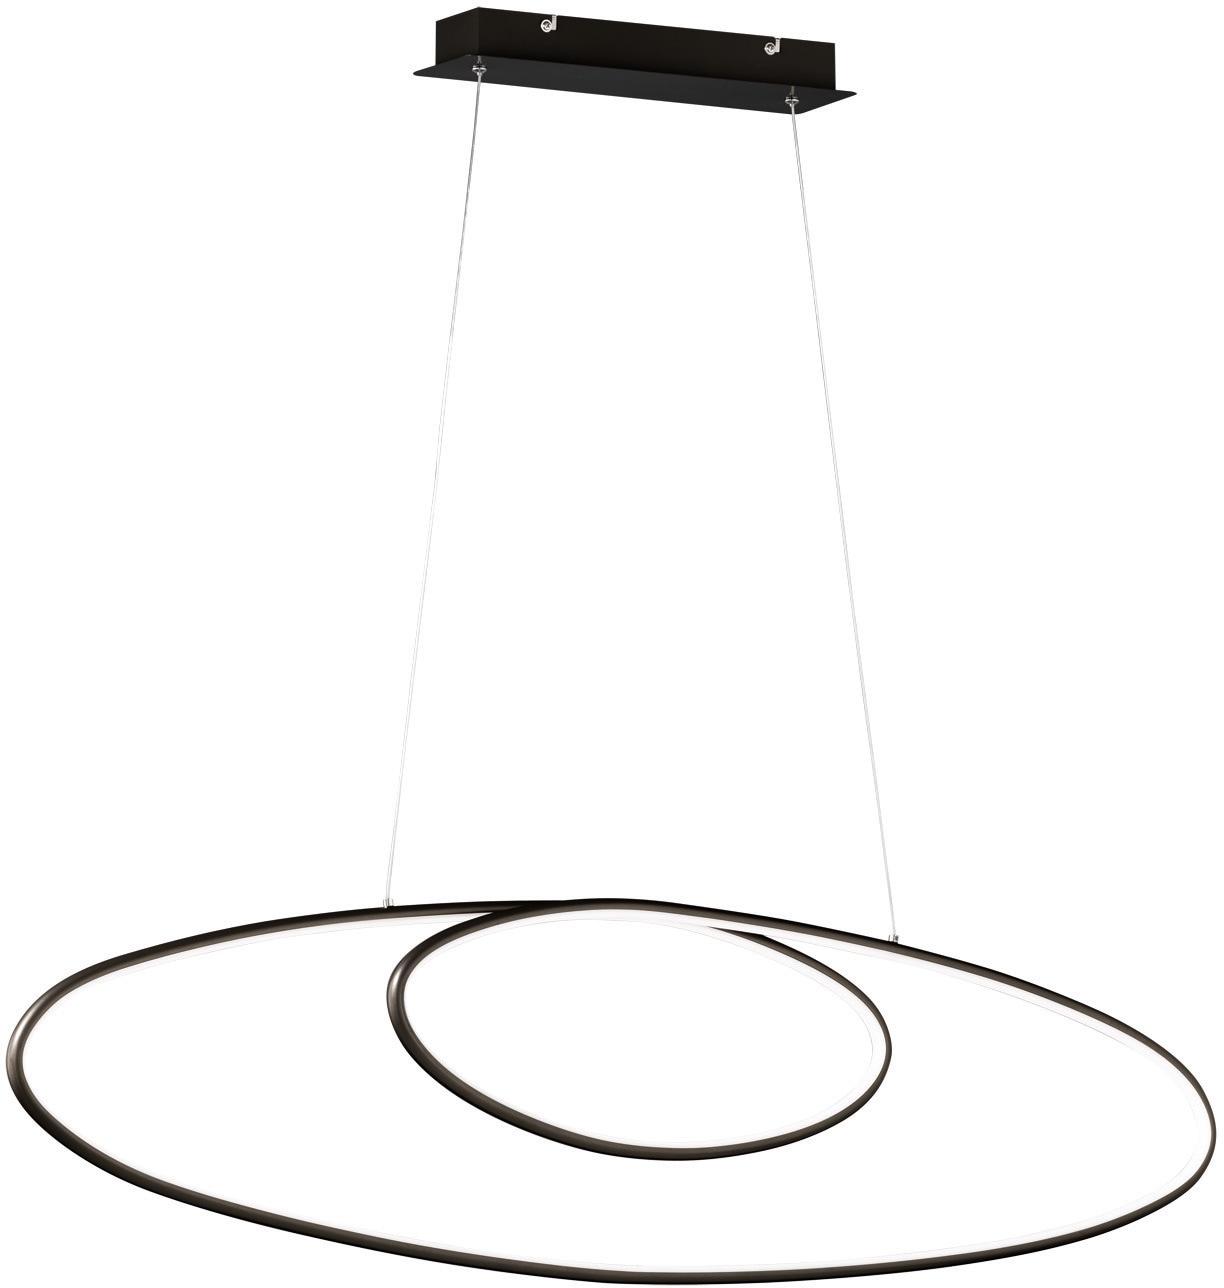 TRIO Leuchten LED Pendelleuchte AVUS, LED-Board, 1 St., Warmweiß, LED Hängelampe, LED Hängeleuchte